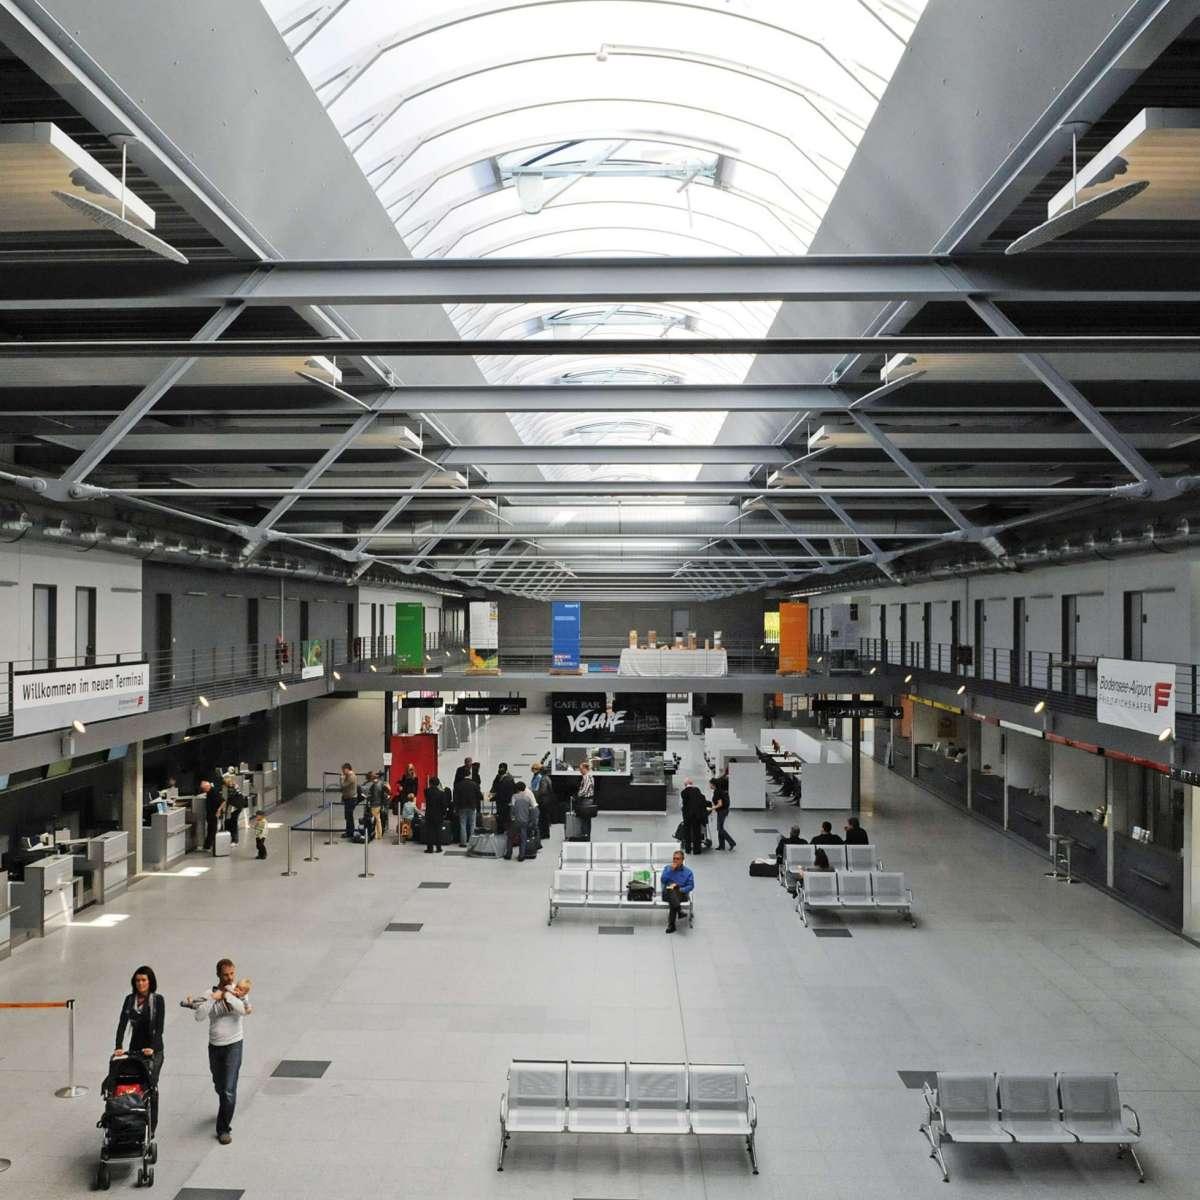 Bodensee-Airport Friedrichshafen | Friedrichshafen • Optimale Tageslichtnutzung im Neubau des Flughafen Terminals in Friedrichshafen